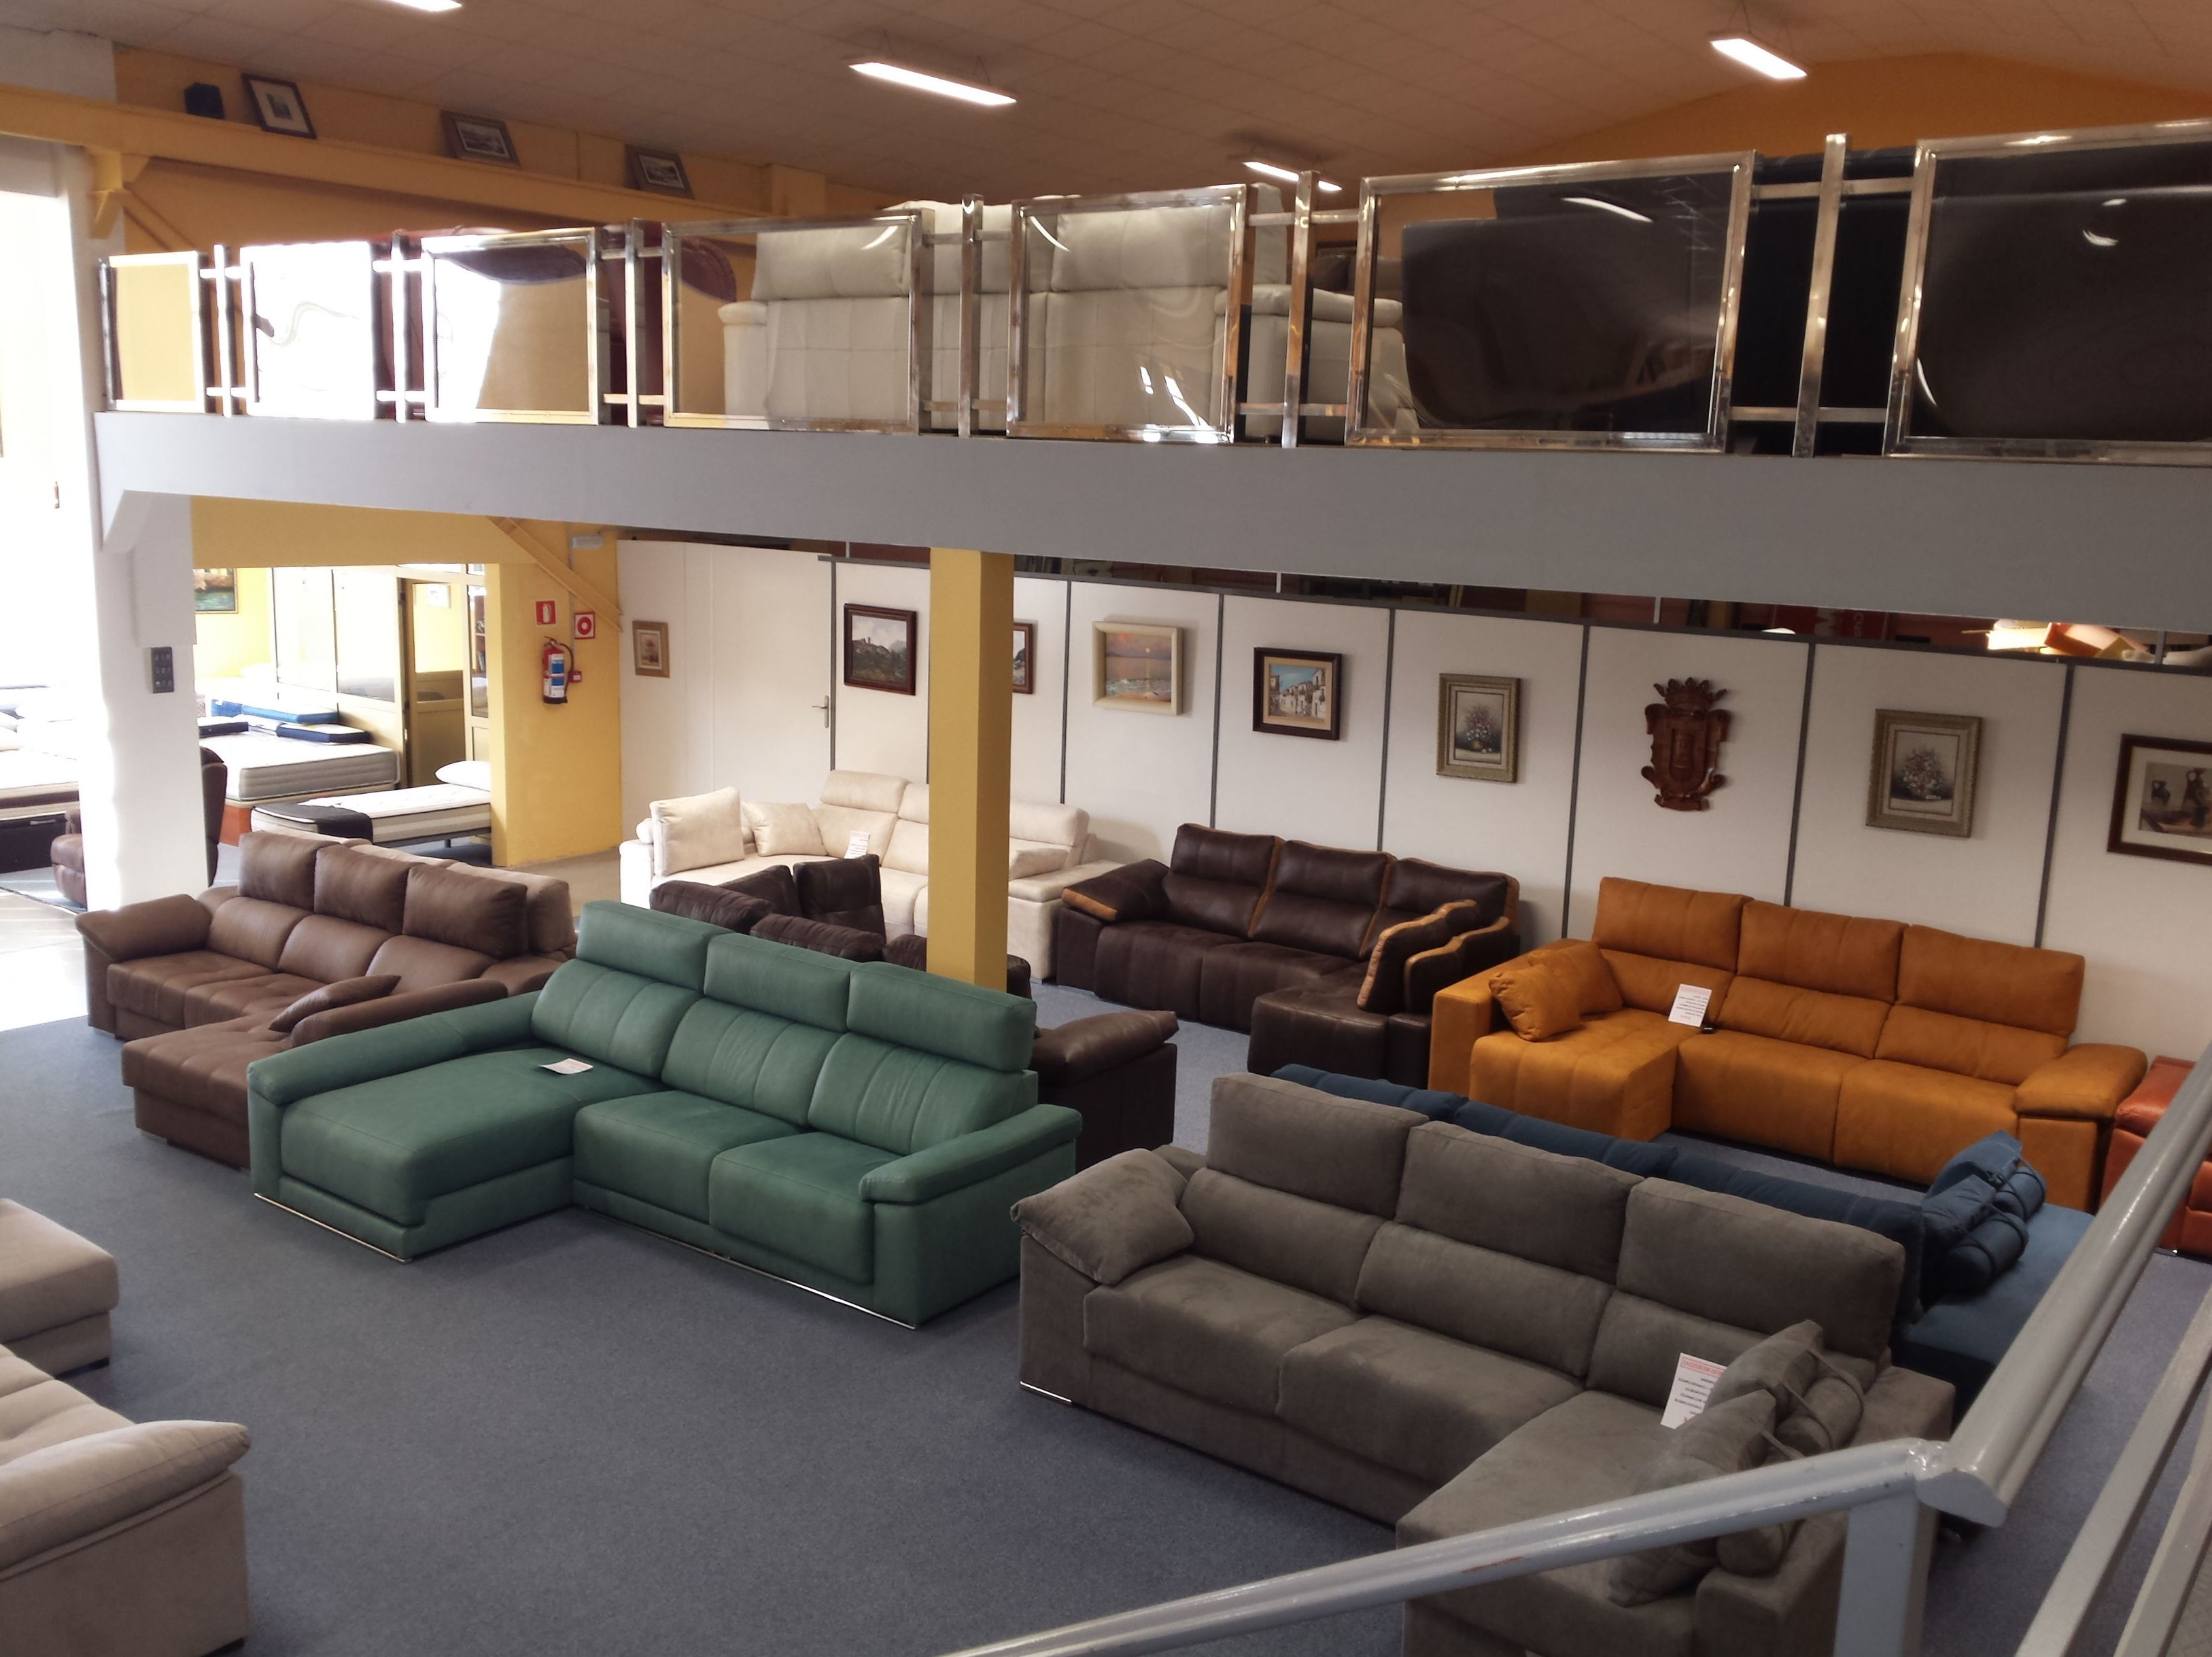 Venta sofas Nkde Foto 8 De sofà S En Camargo sofà S Muriedas